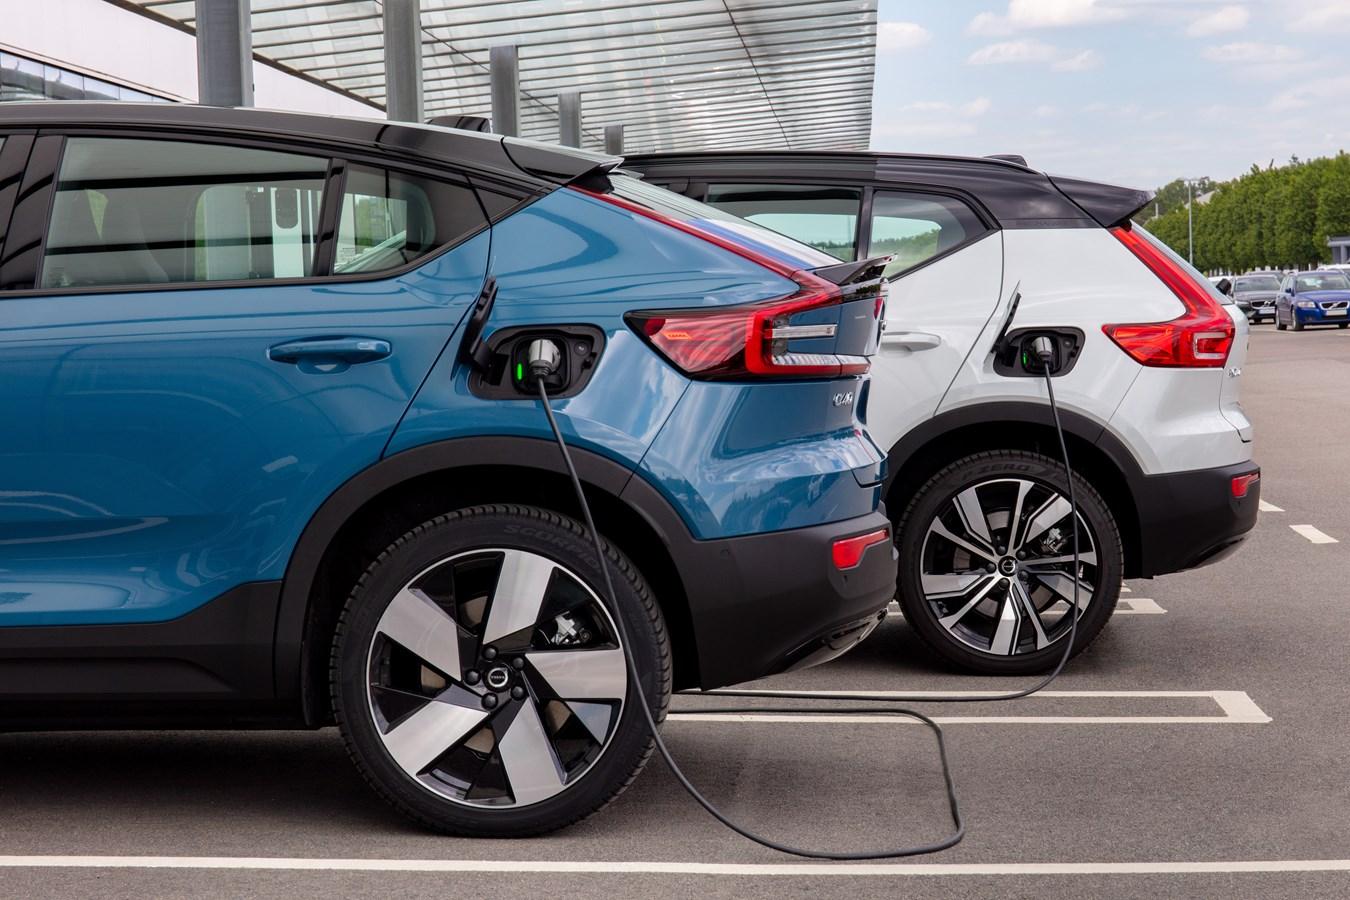 Volvo offre nuovi prezzi agevolati per la ricarica rapida